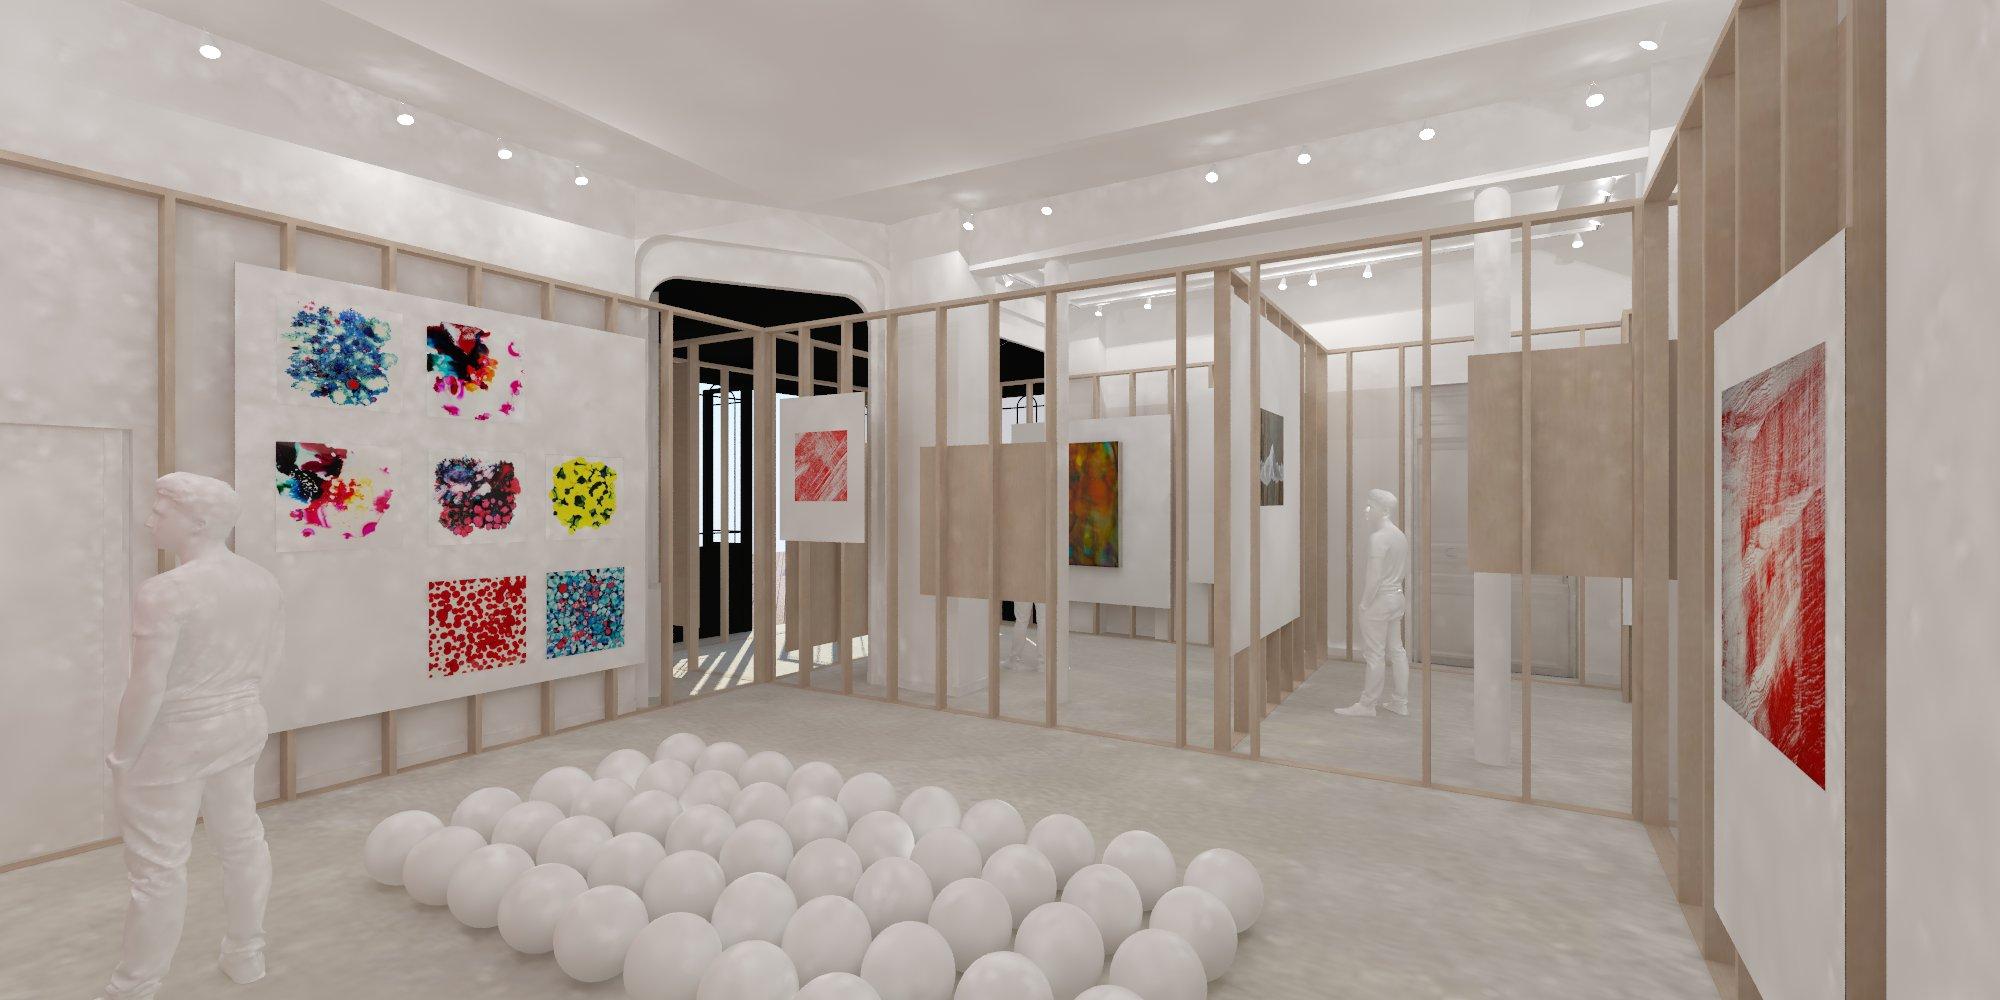 Japanese Platform designed bySou Fujimoto Architects -